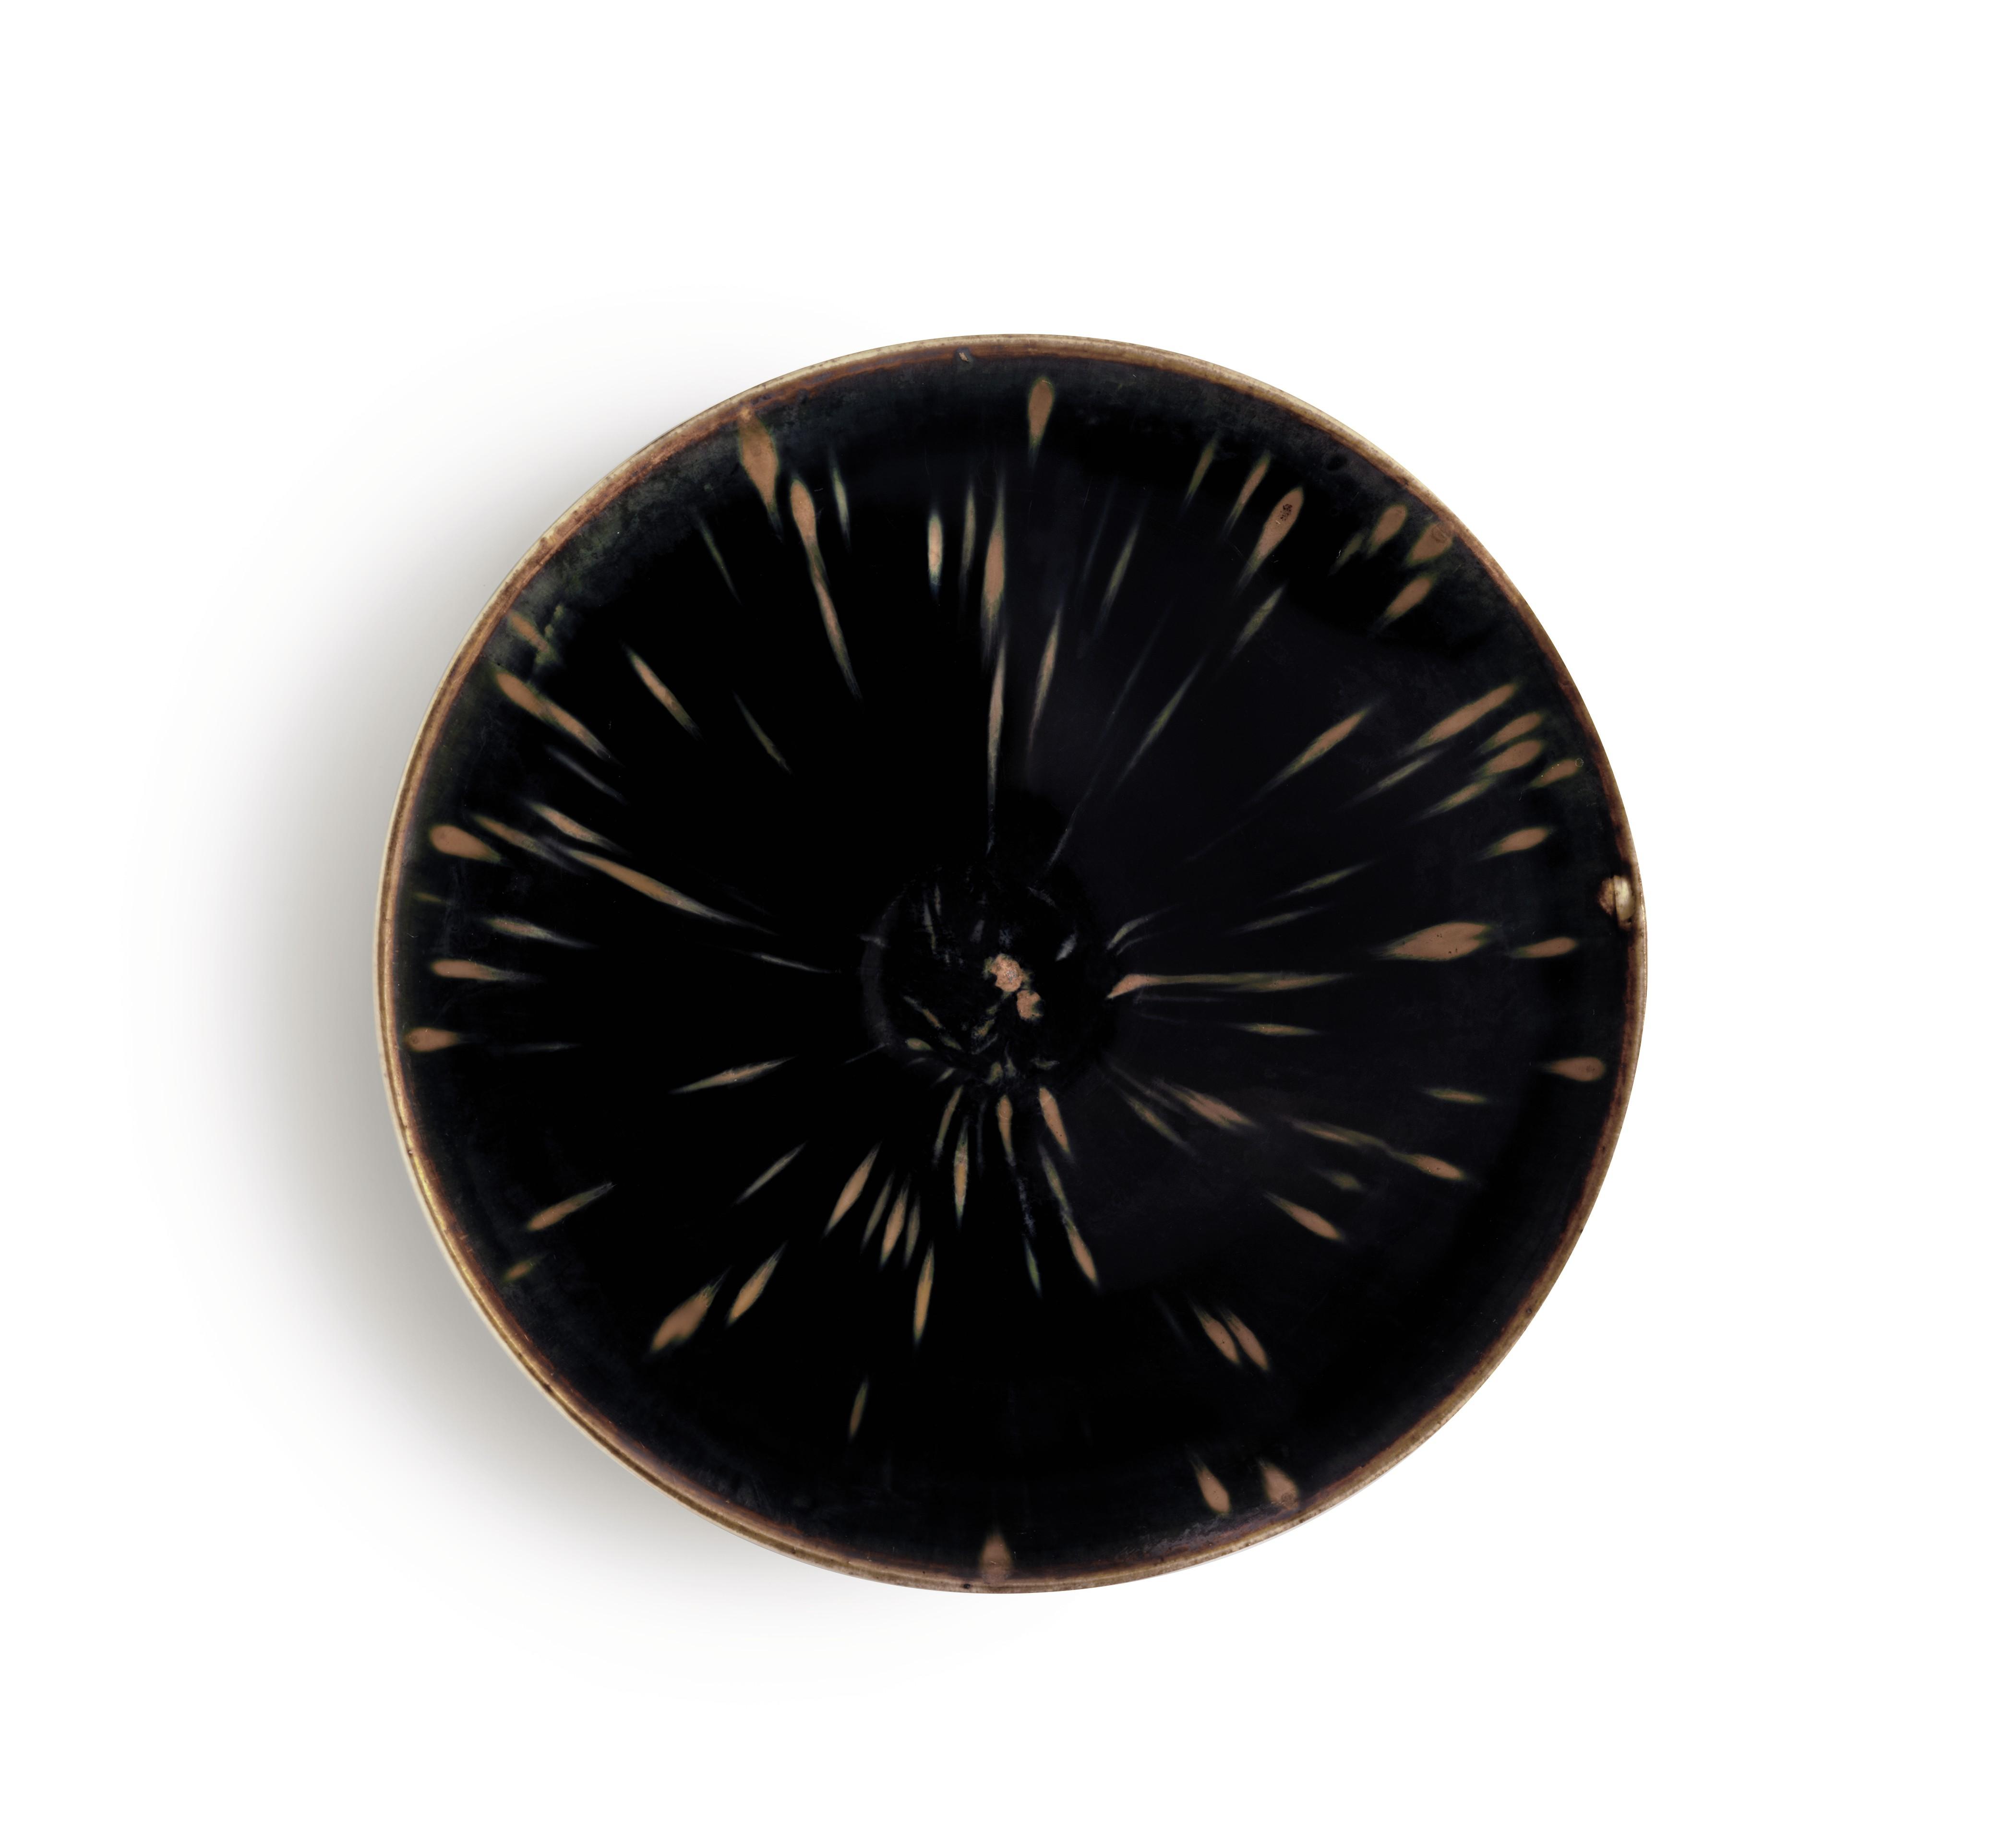 北宋 定窑黑釉鹧鸪斑碗,直径 7½寸 (19公分)。此拍品于2018年3月22日在佳士得纽约「古韵天成–临宇山人珍藏(三)」拍卖中以4,212,500  美元成交。